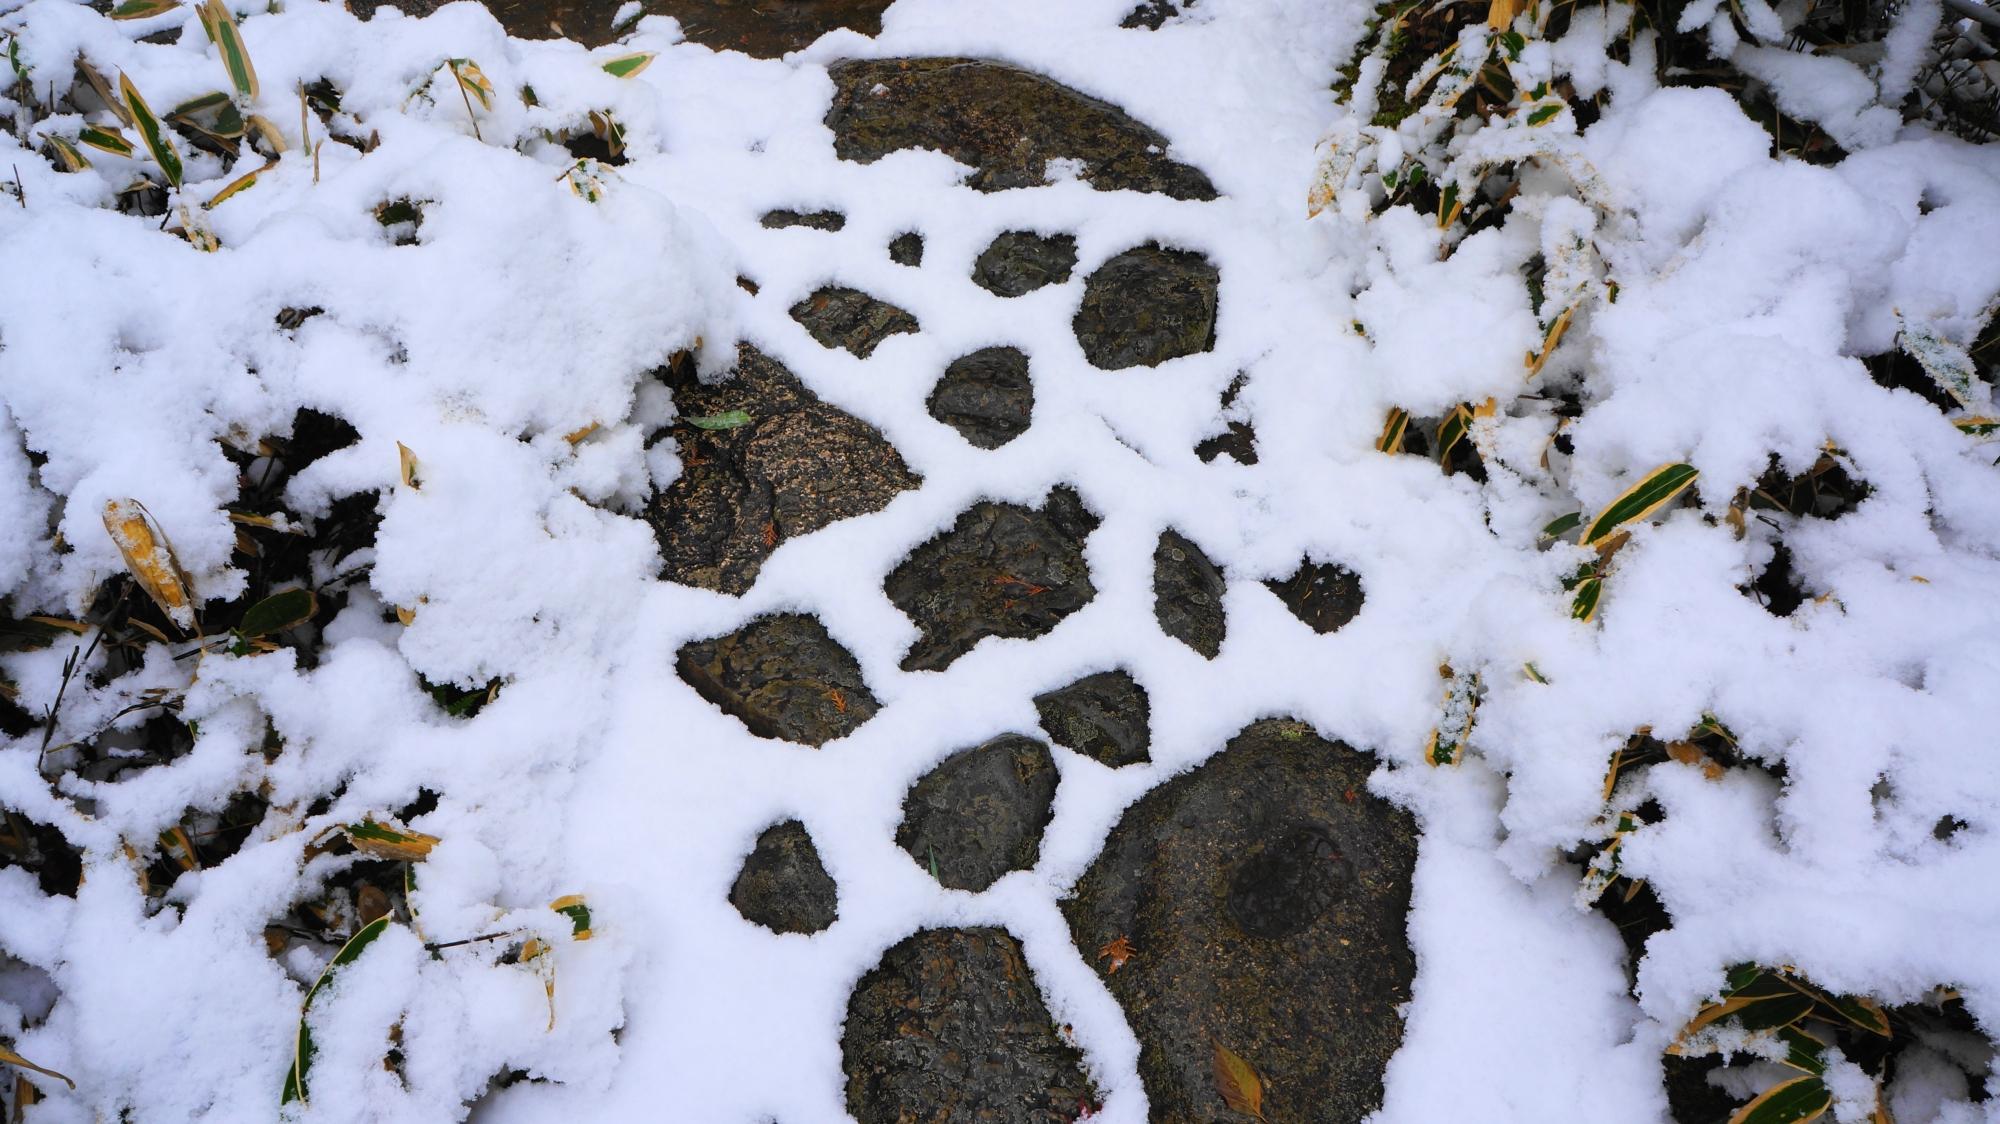 雪につつまれたいろんな形の飛び石